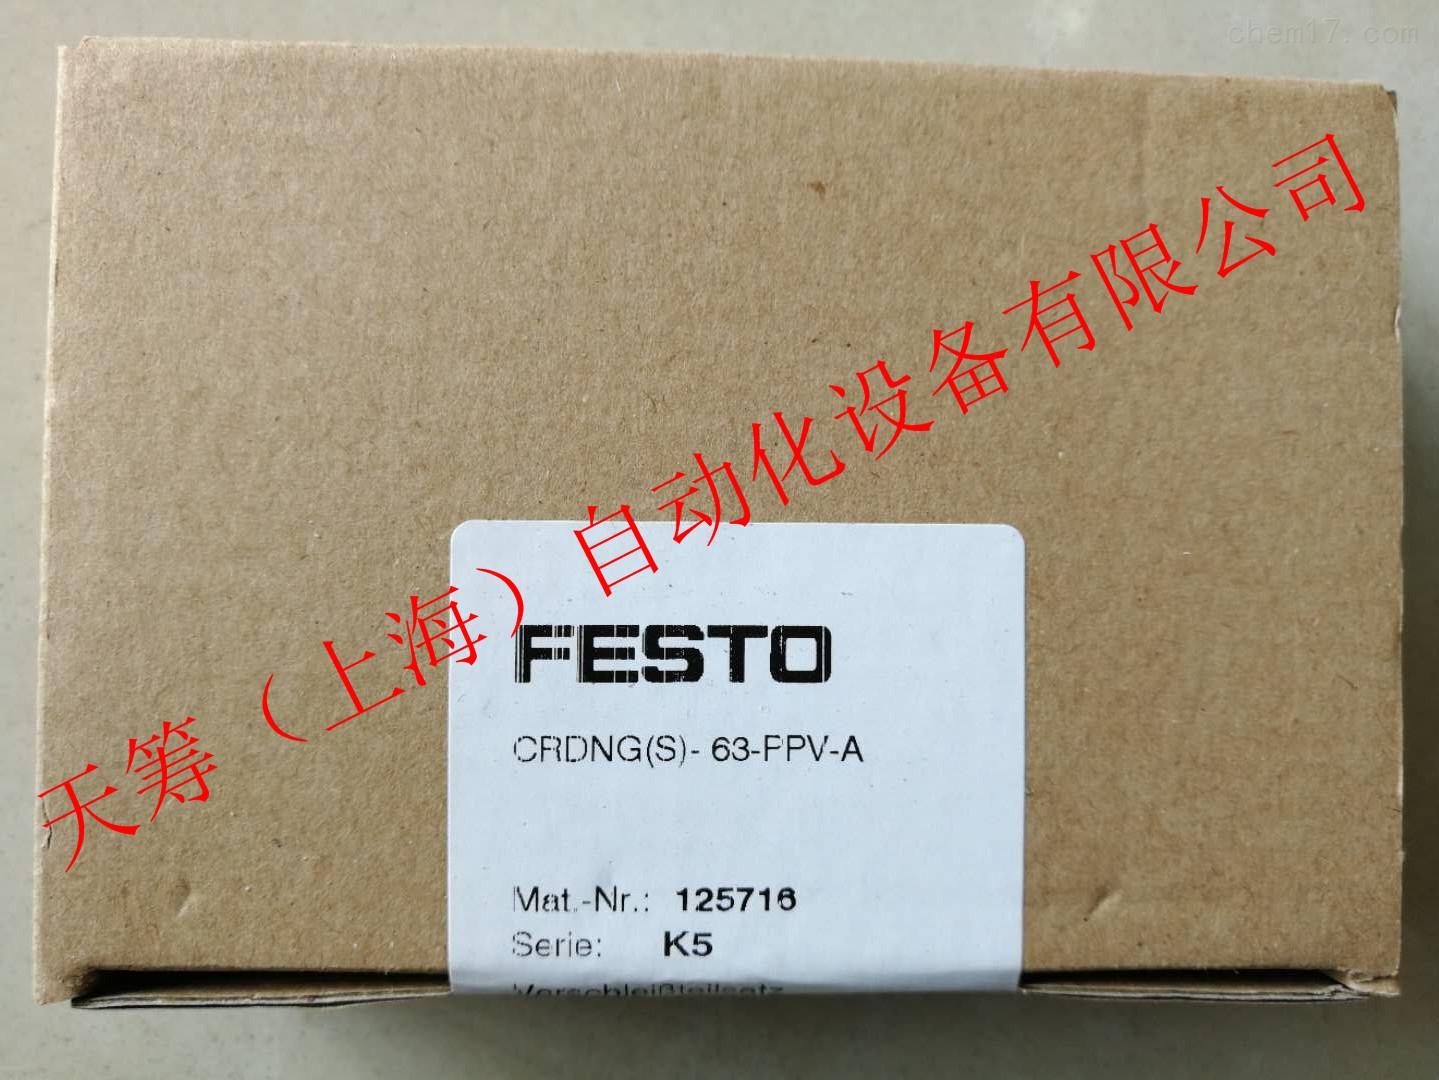 FESTO双作用气缸CRDNG(S)-63-PPV-A保证正品